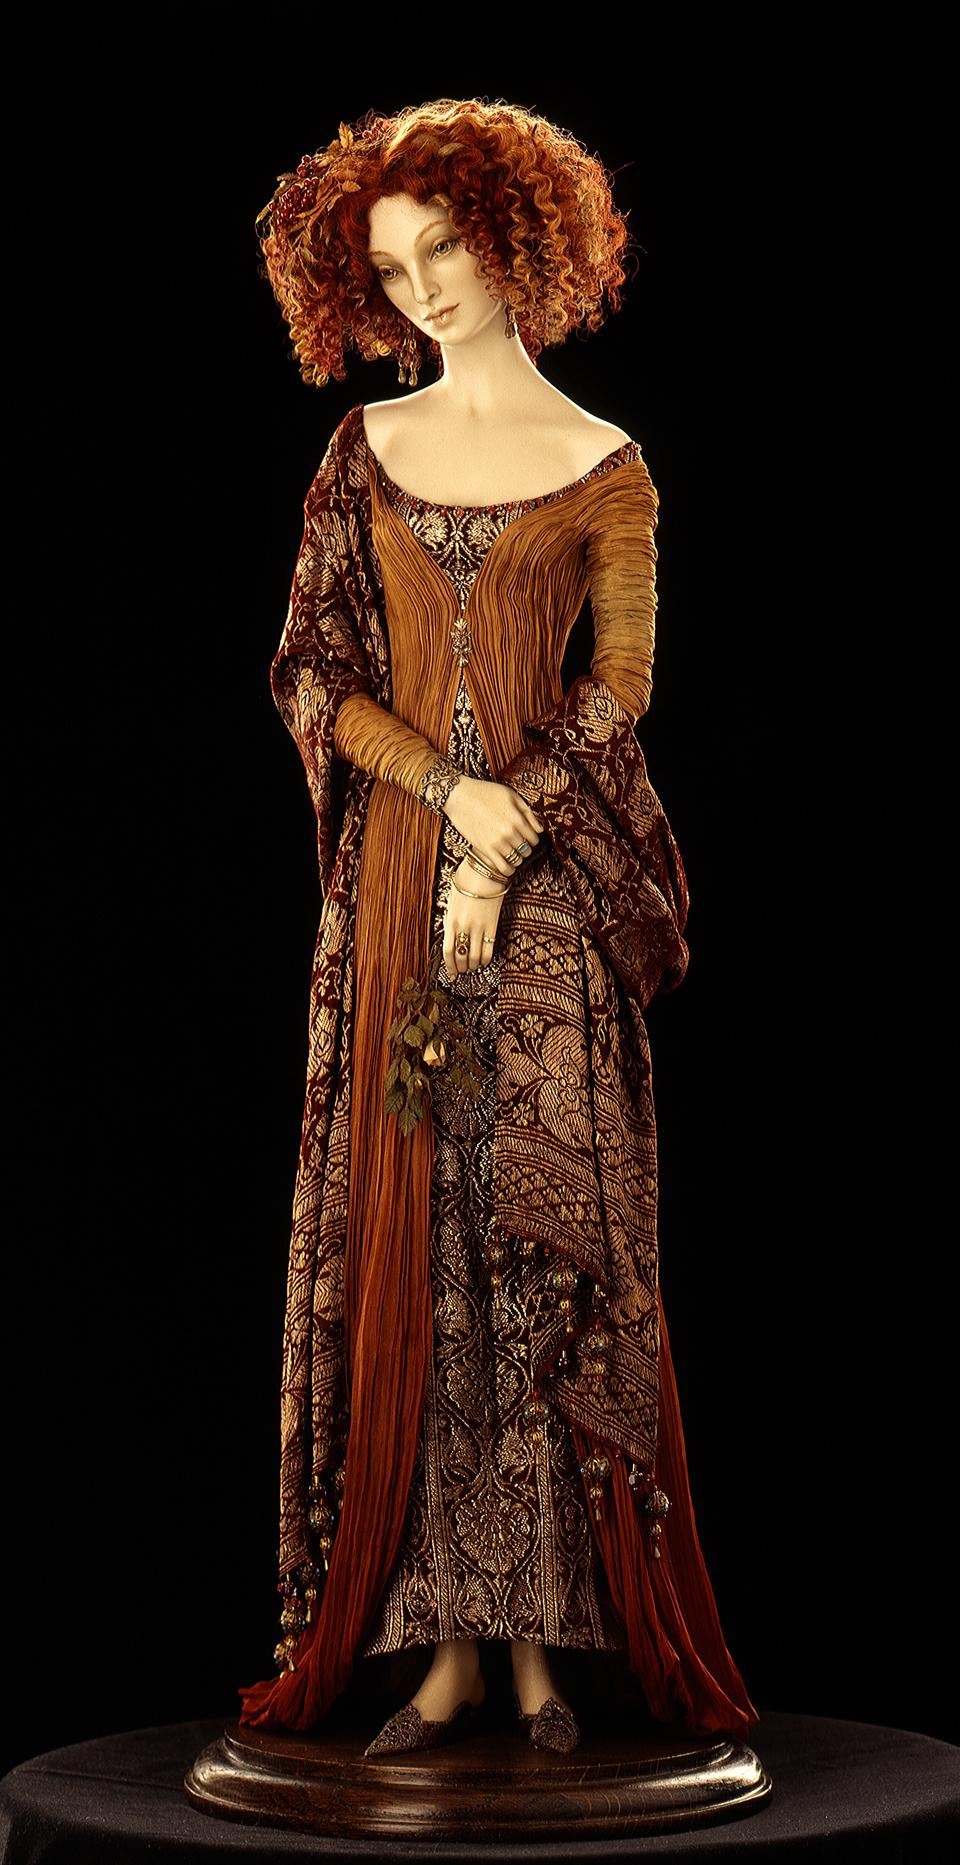 Ювелирные украшения - серьги, браслеты, кольца - выполнены...  Фарфор бисквит.  В костюме использованы антикварные...